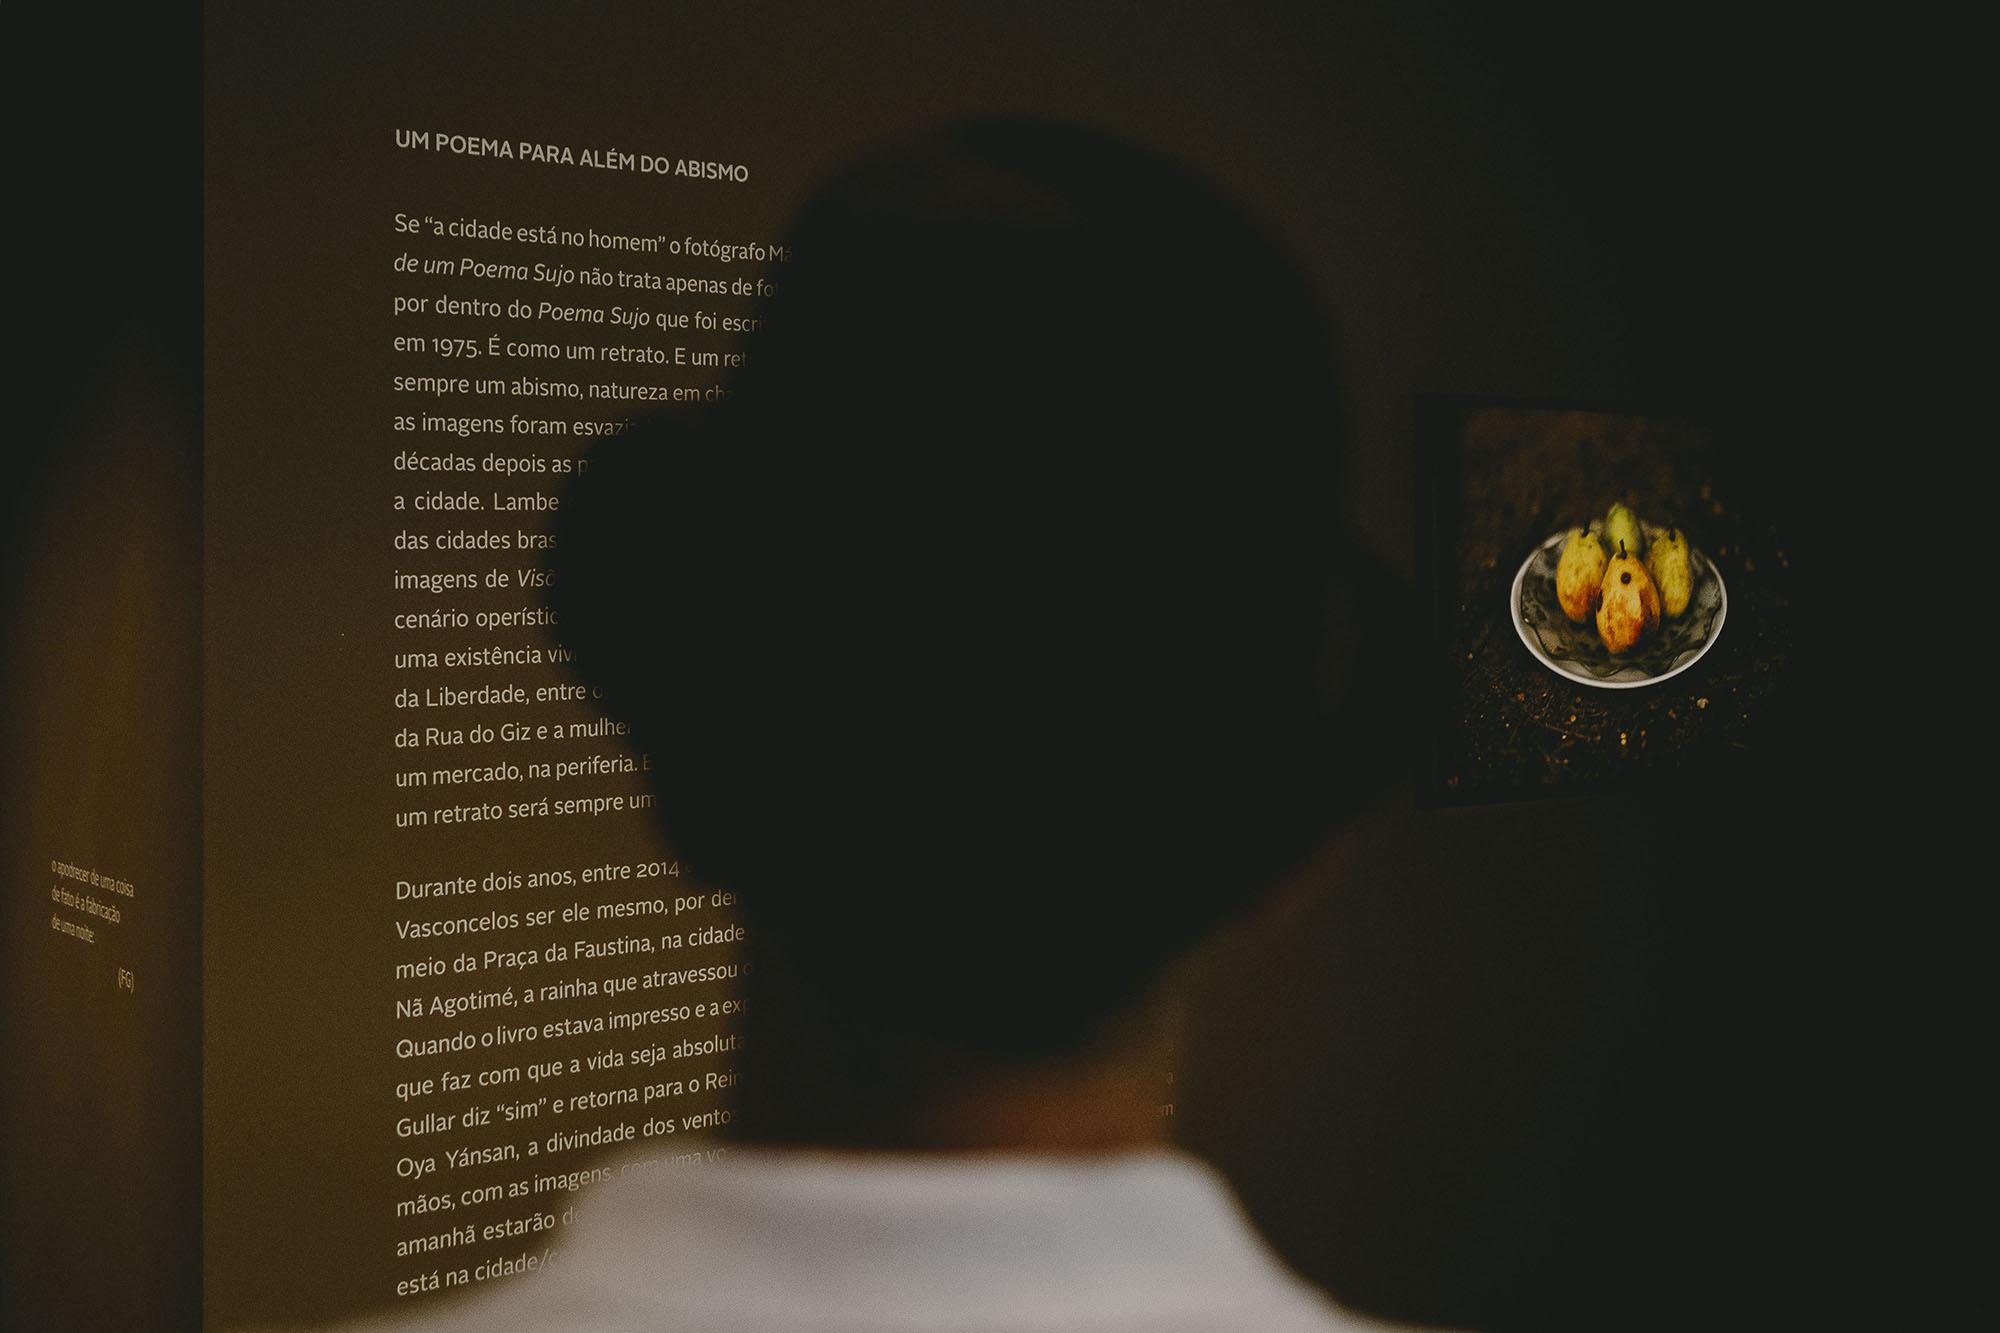 Visões-de-um-poema-sujo : exposição-lançamento-livro : Márcio Vasconcelos : Gustavo Semeghini : Blog -011.jpg